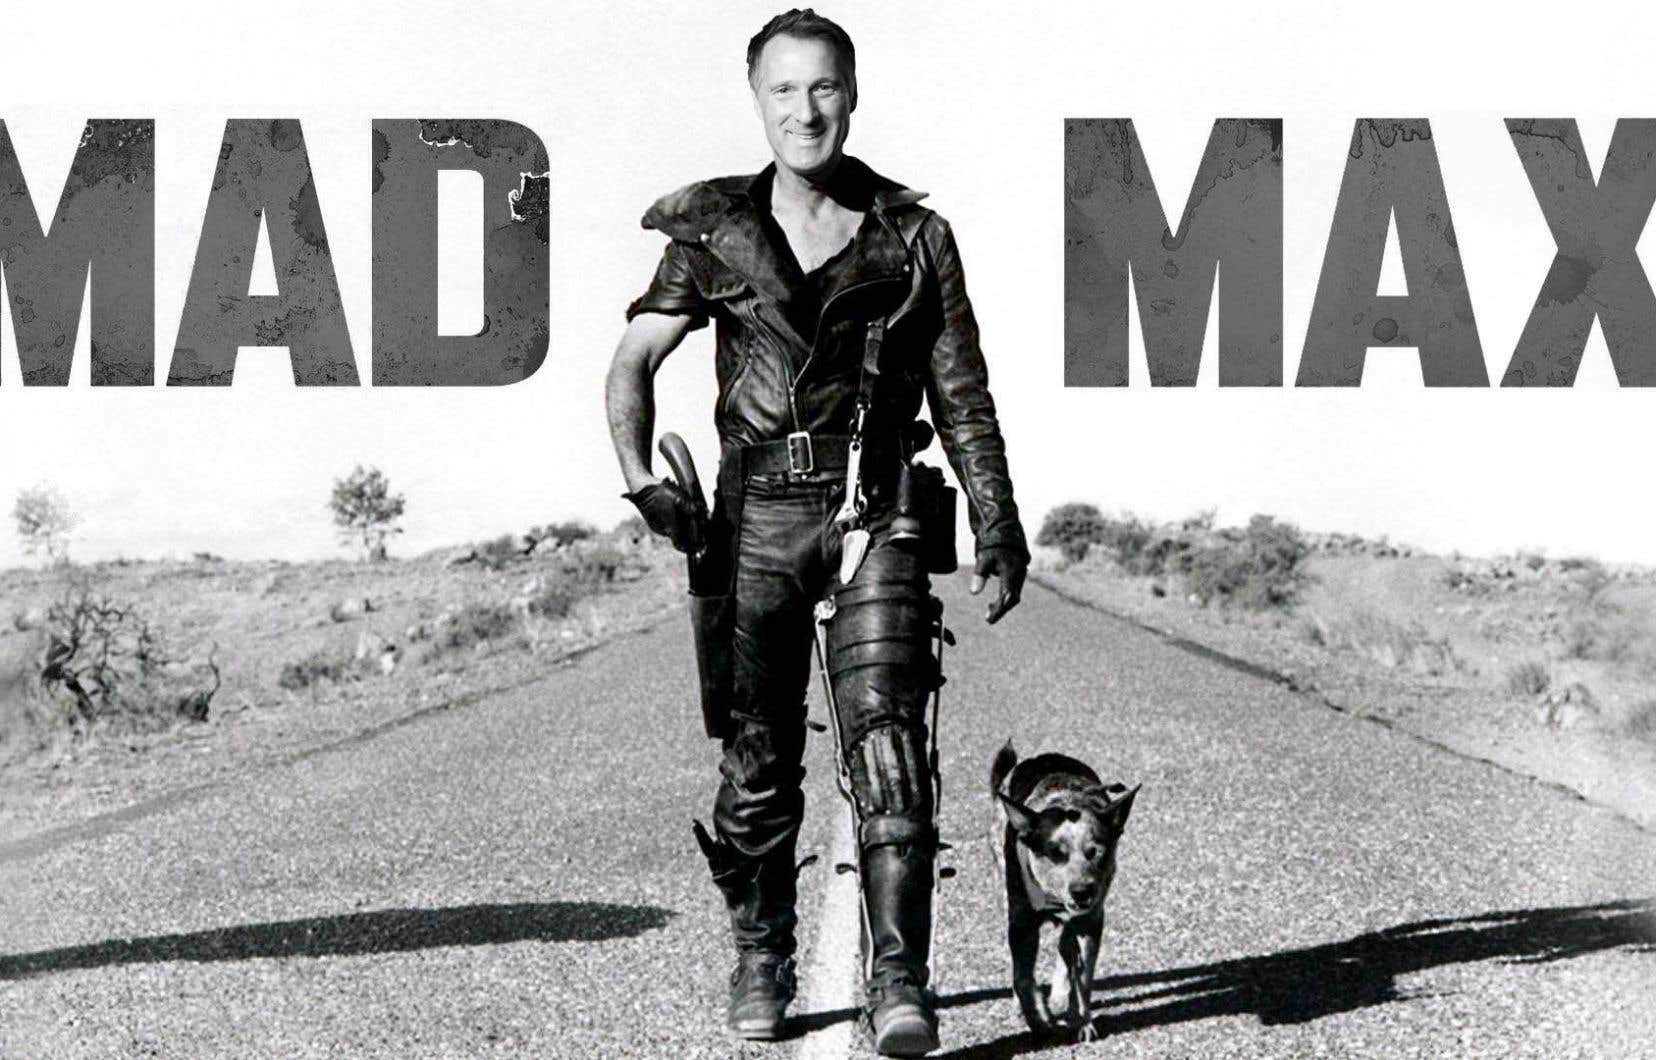 L'équipe Bernier a mis en ligne, lundi soir, une image manipulée plaçant le visage de son candidat sur celui de Mel Gibson, la vedette du célèbre film d'anticipation australien <em>Mad Max</em>.